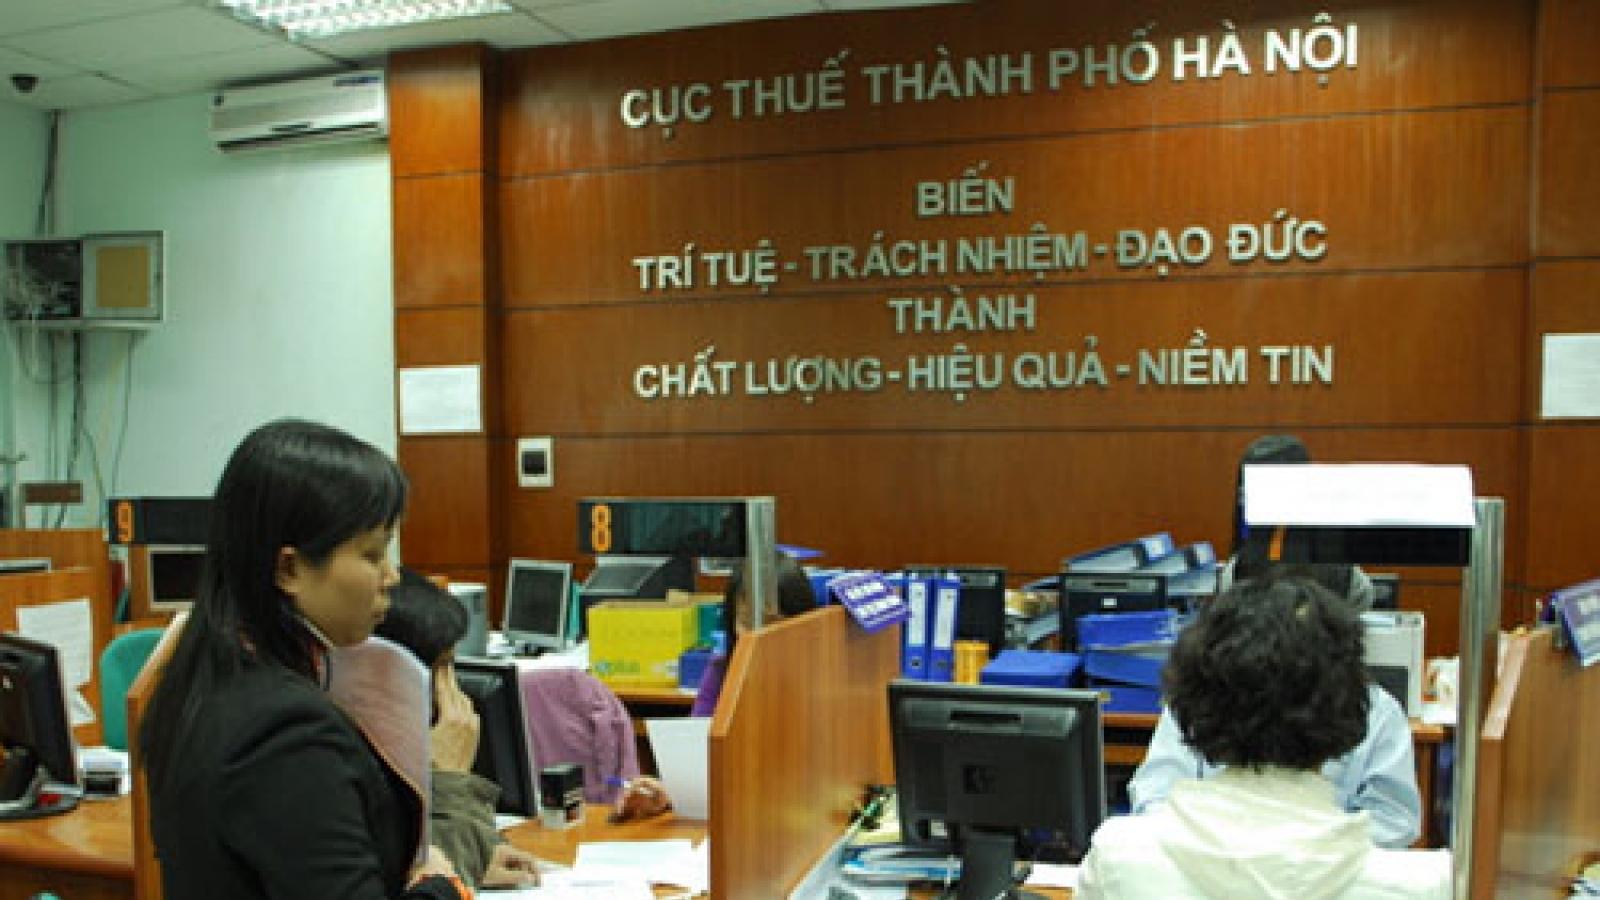 Hà Nội: Không xử phạt vi phạm hành chính người nộp thuế trong thời gian cách ly